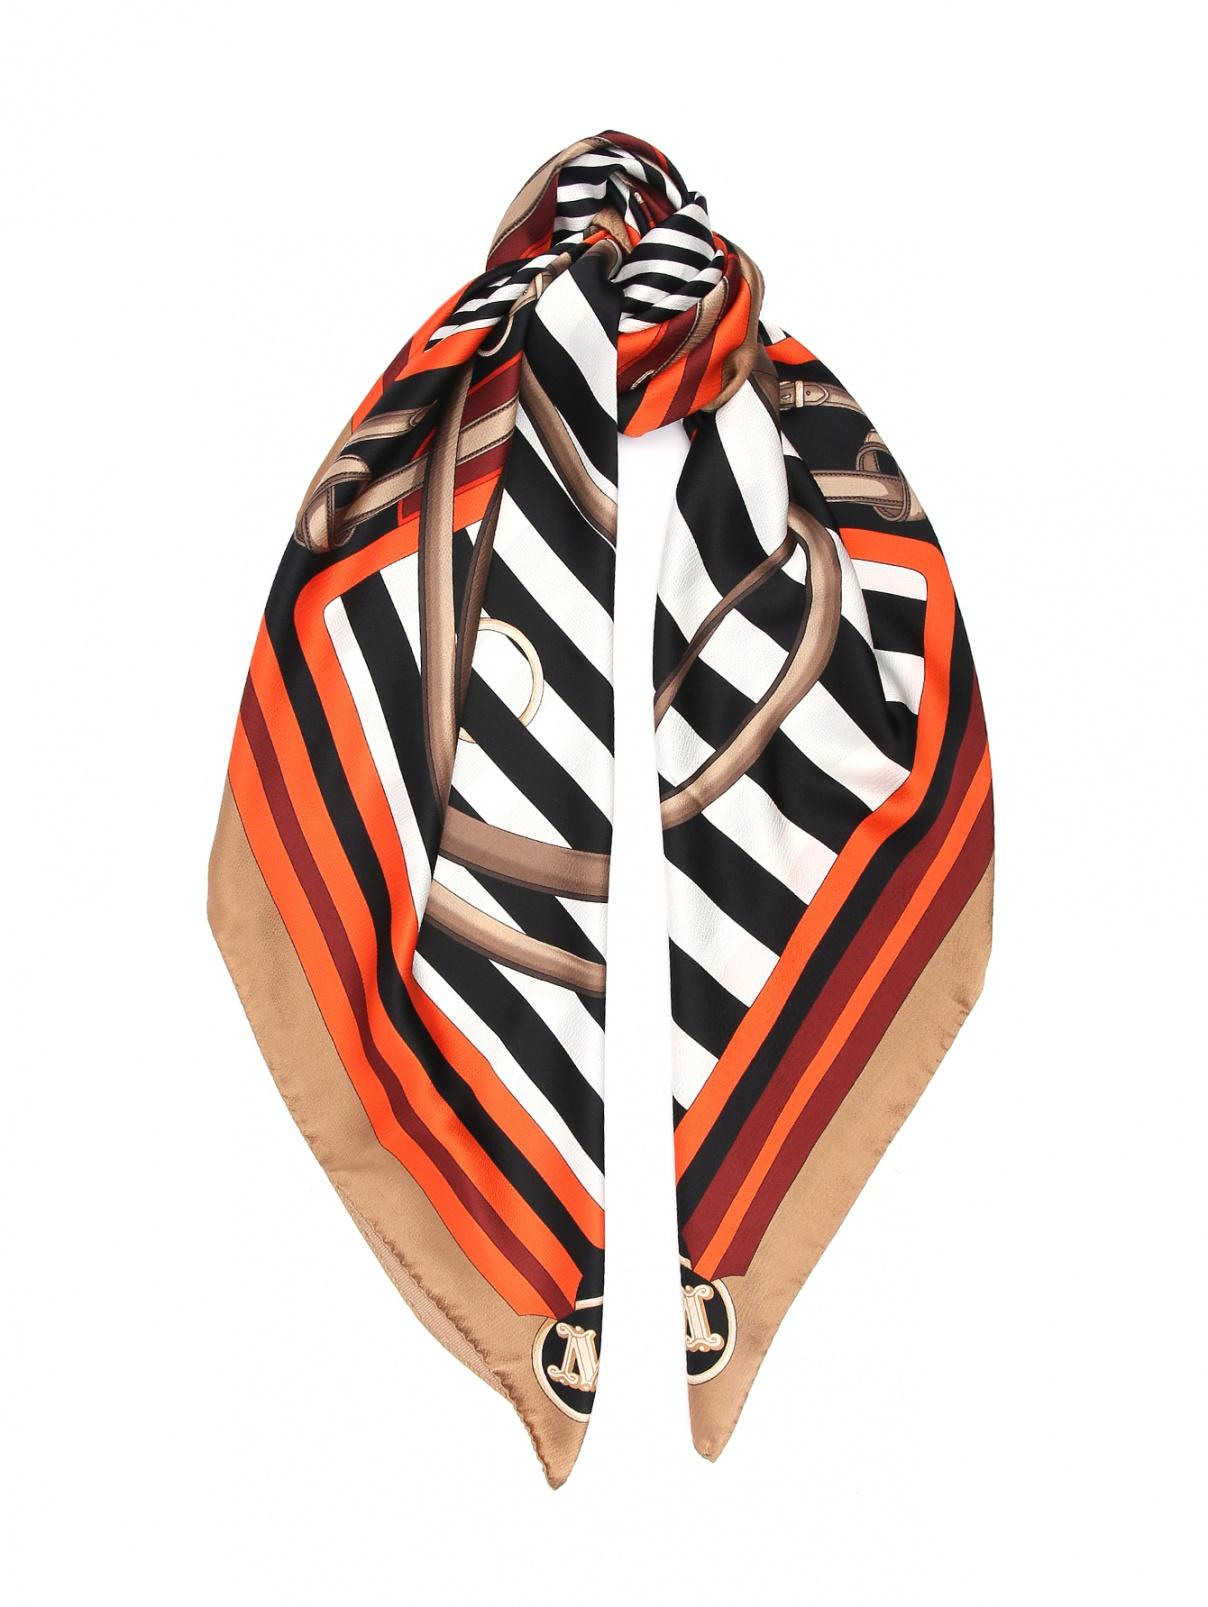 Платок из шелка с узором полоска Max Mara  –  Общий вид  – Цвет:  Узор